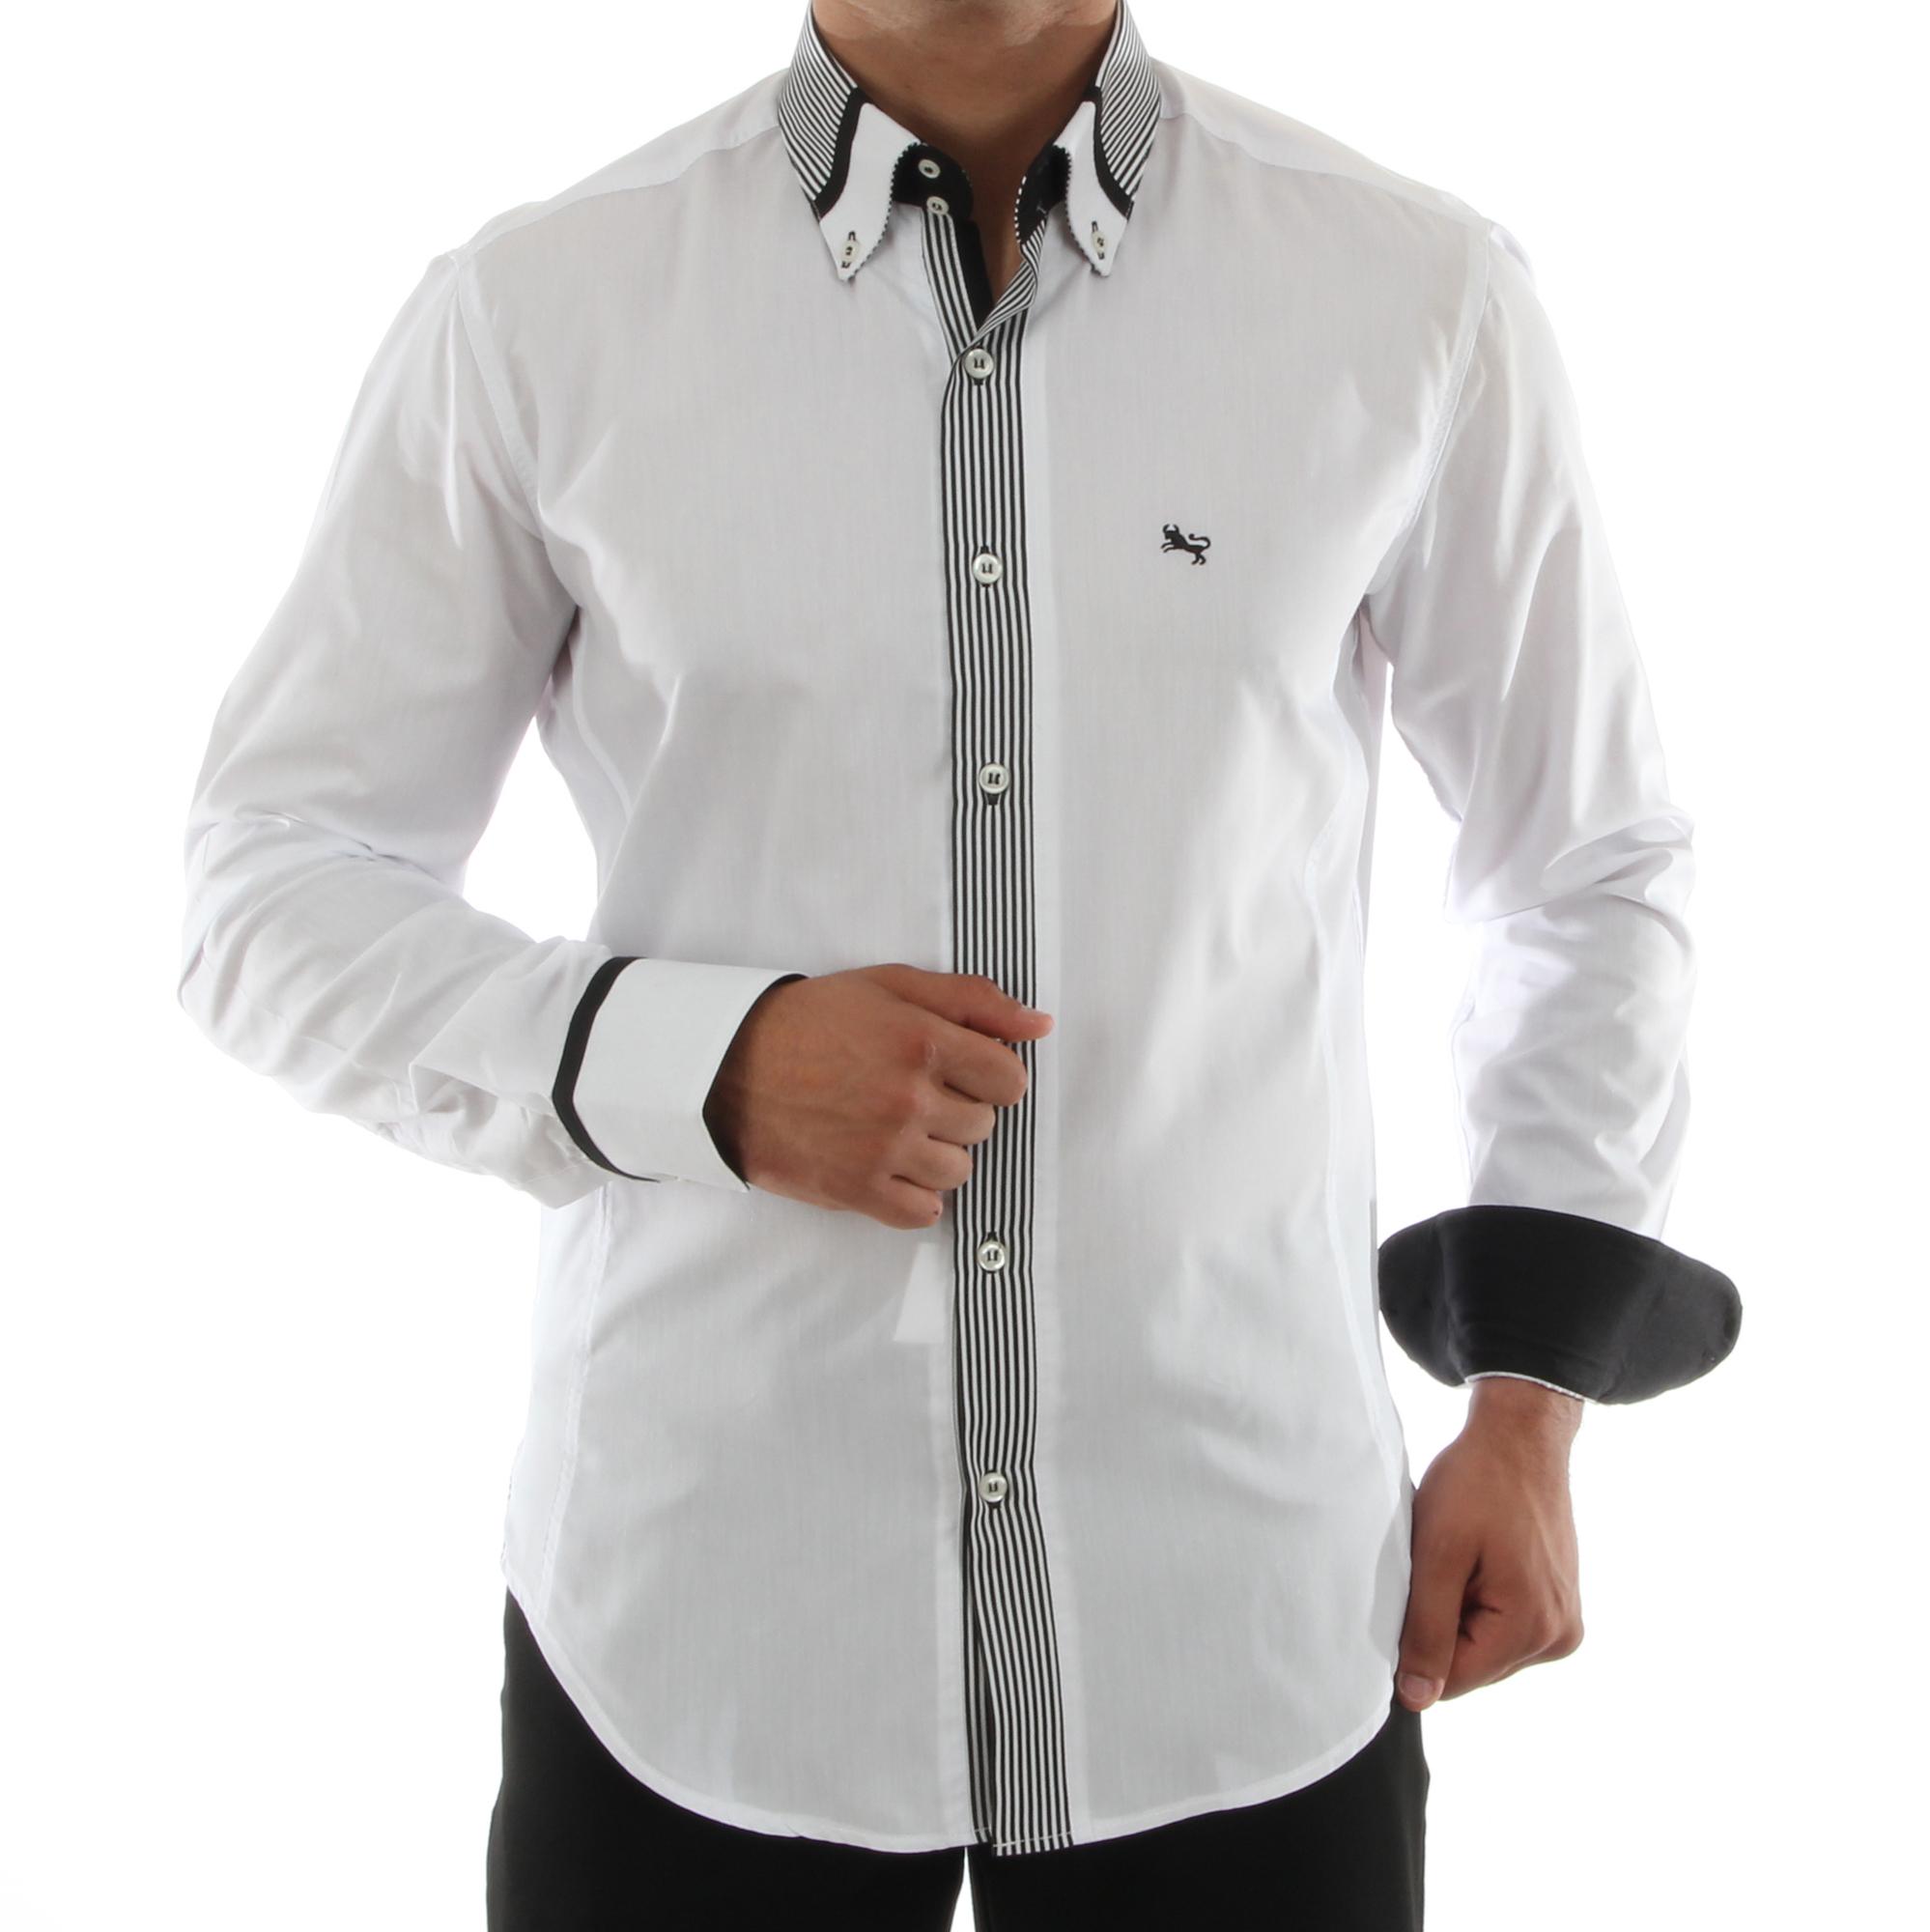 H.K. Mandel Kreative Mode für Männer - Freizeithemd Slim Fit hkmandel eedb03ad17